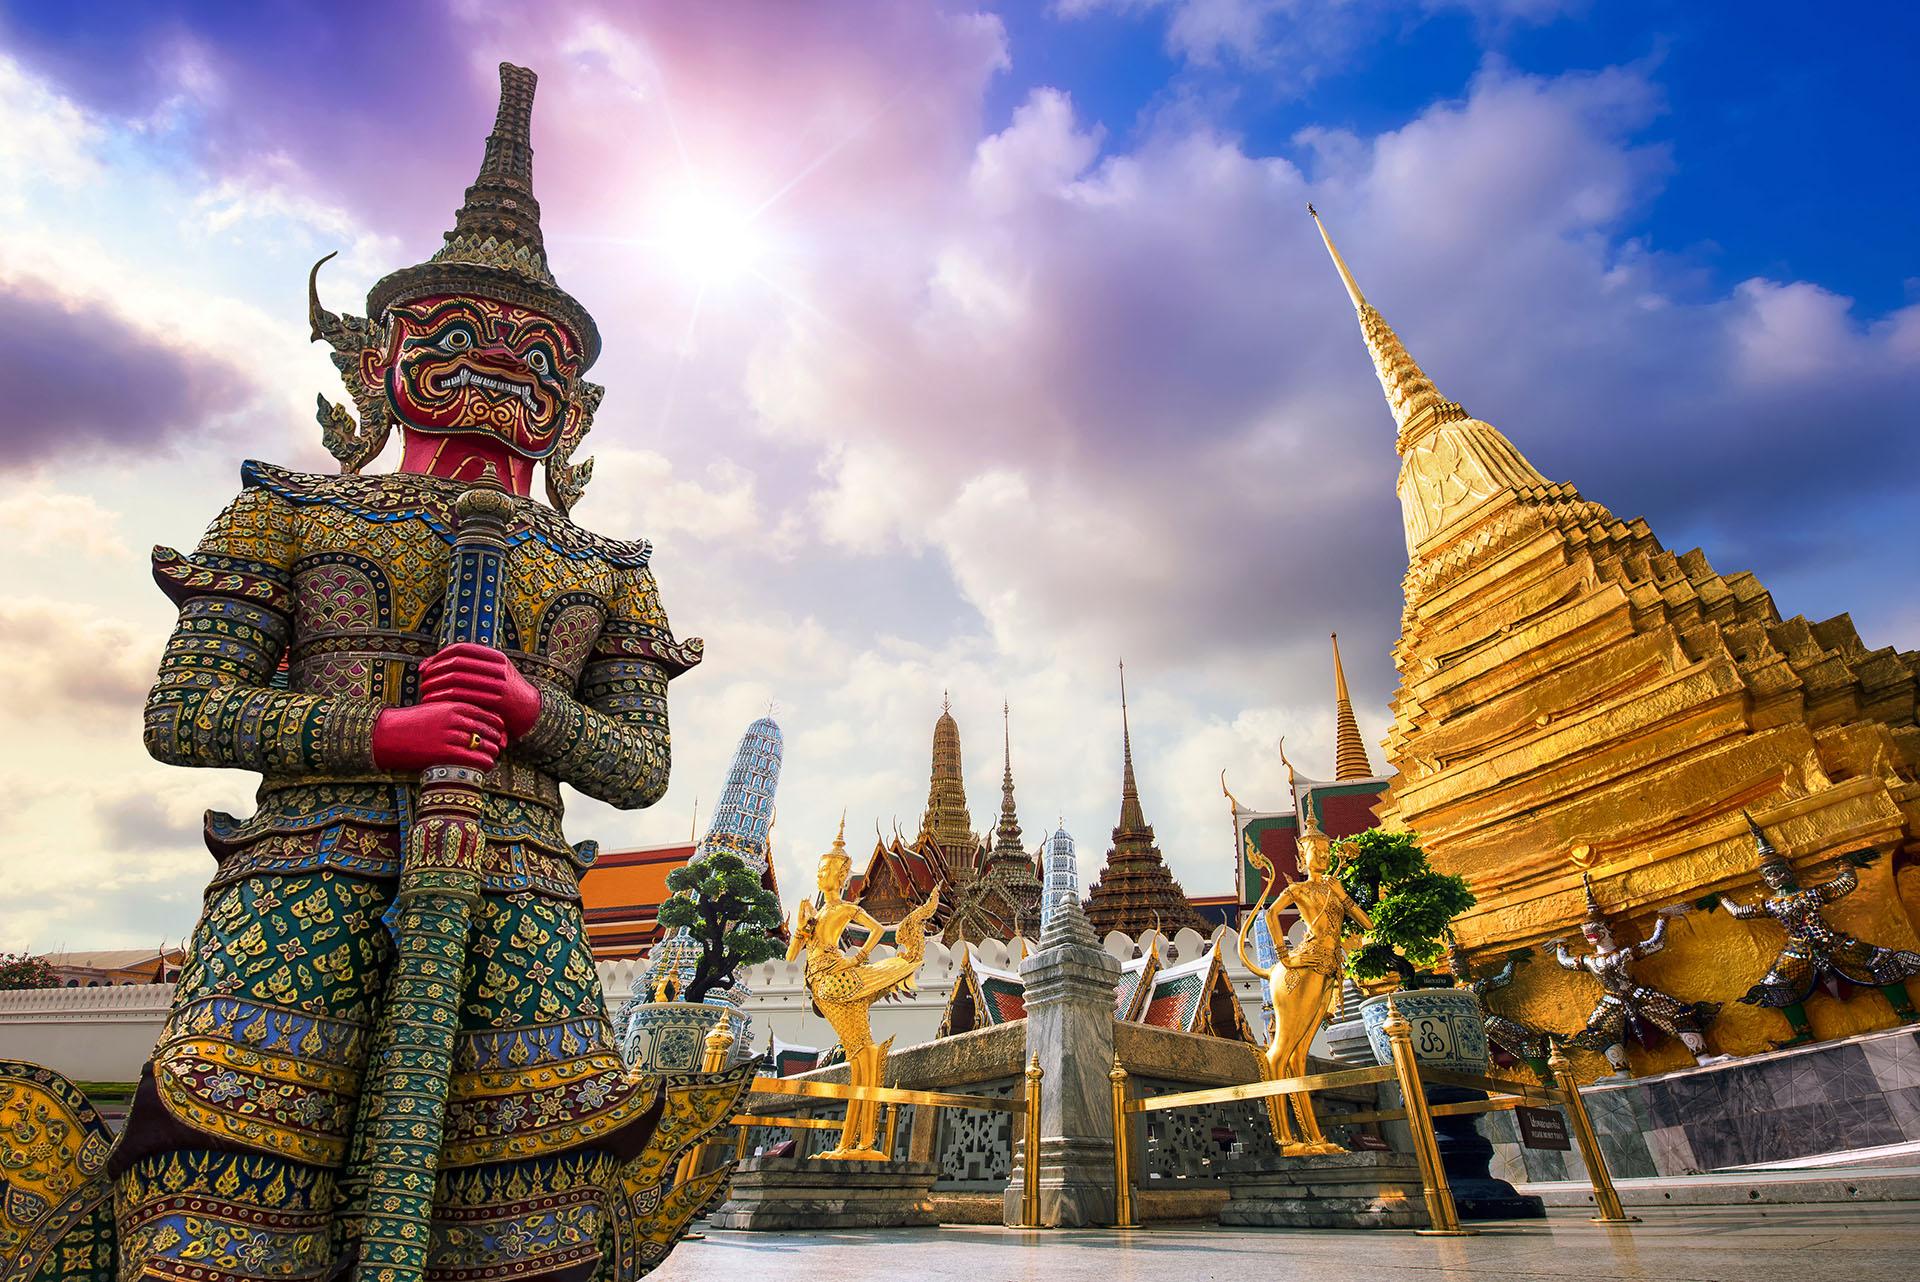 Bangkok es famosos por sus palacios y templos, el más notable es el Gran Palacio con sus intrincados detalles, Wat Phra Kaew y el Buda de Esmeralda, y Wat Arun con altas torres a lo largo de la orilla del río